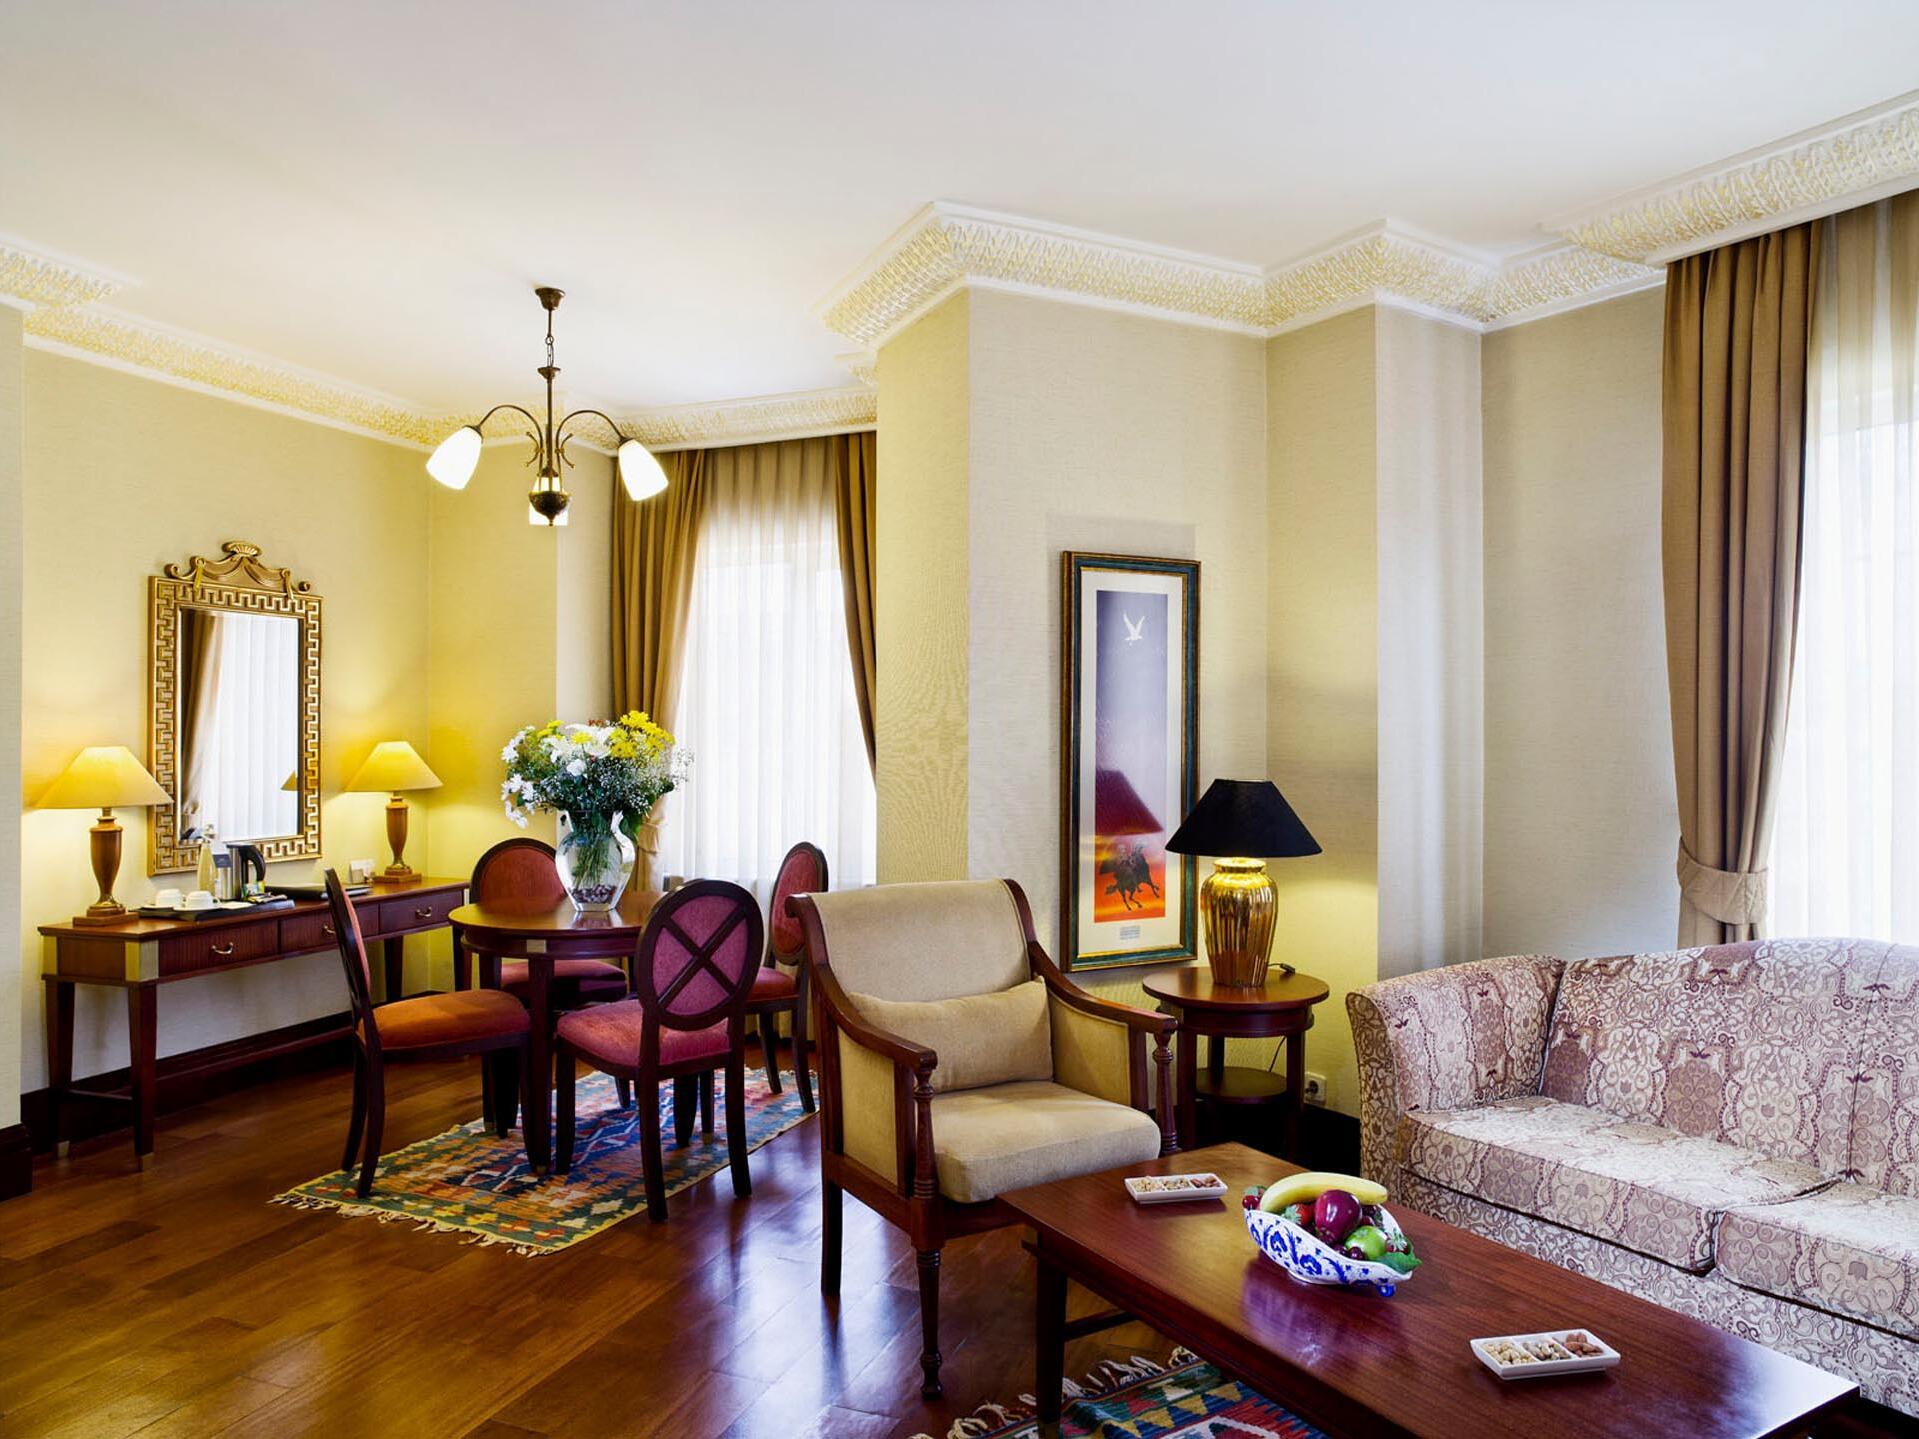 Junior Suite Eresin hotels sultanahmet